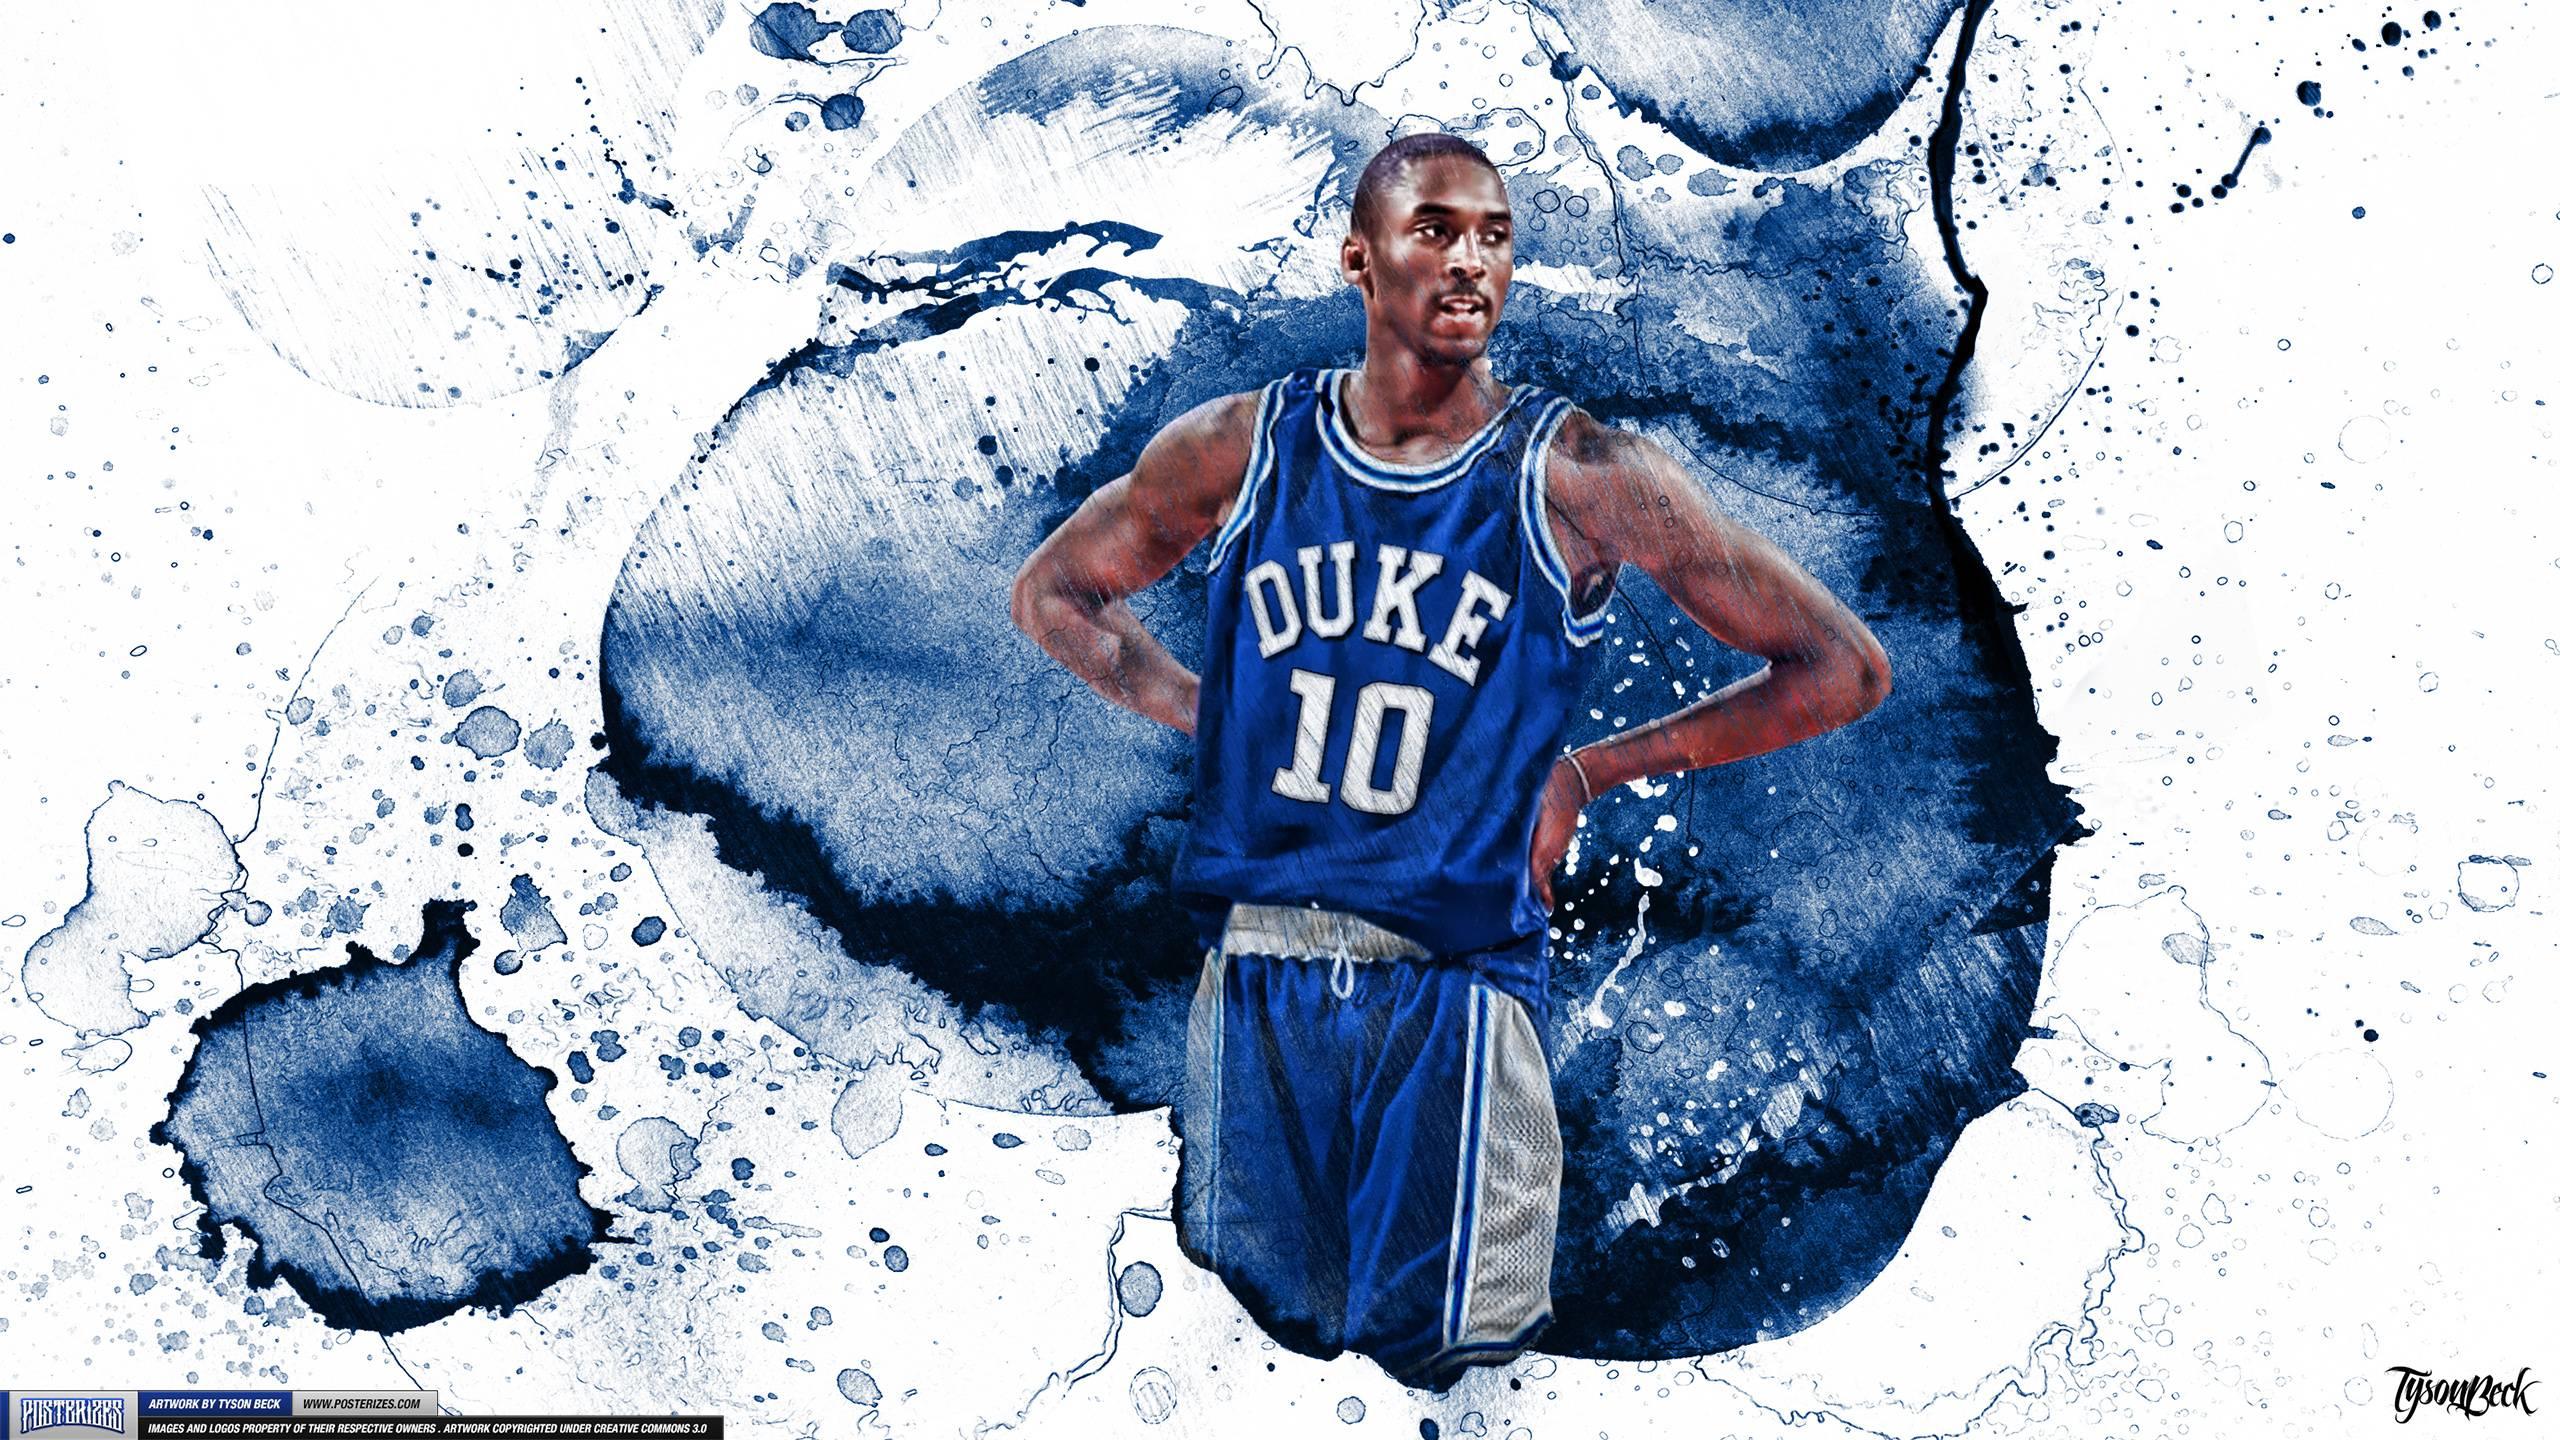 Duke Basketball Wallpaper Hd Desktop Wallpapers 2560x1440